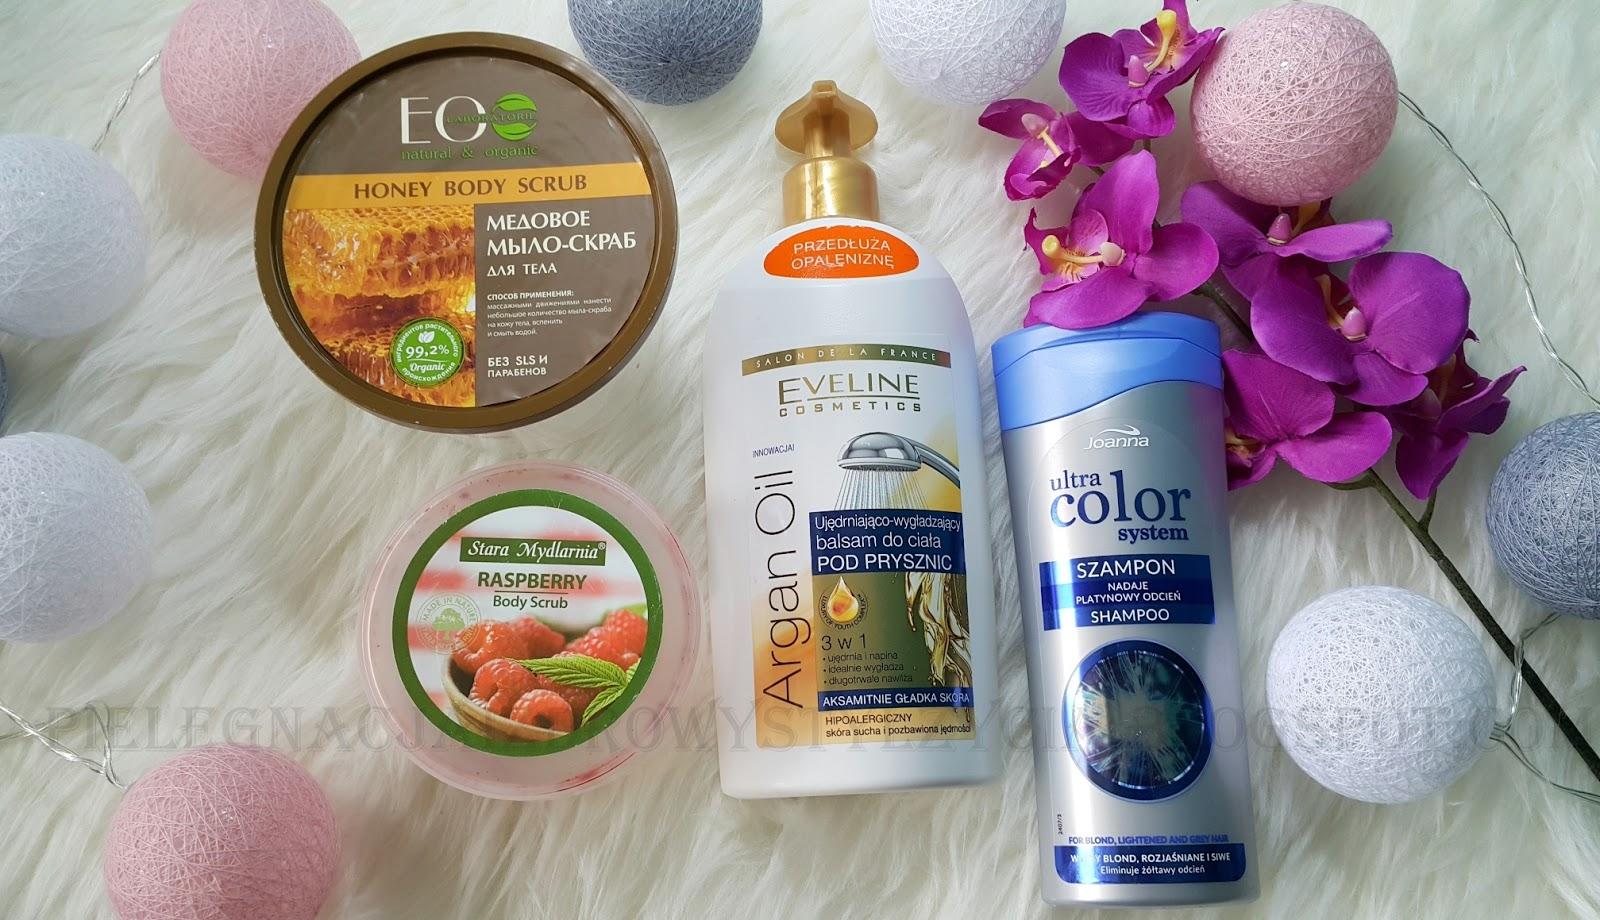 Denko - miodowe mydło Ecolab, peeling Stara Mydlarnia, balsam Eveline, fioletowy szampon Joanna